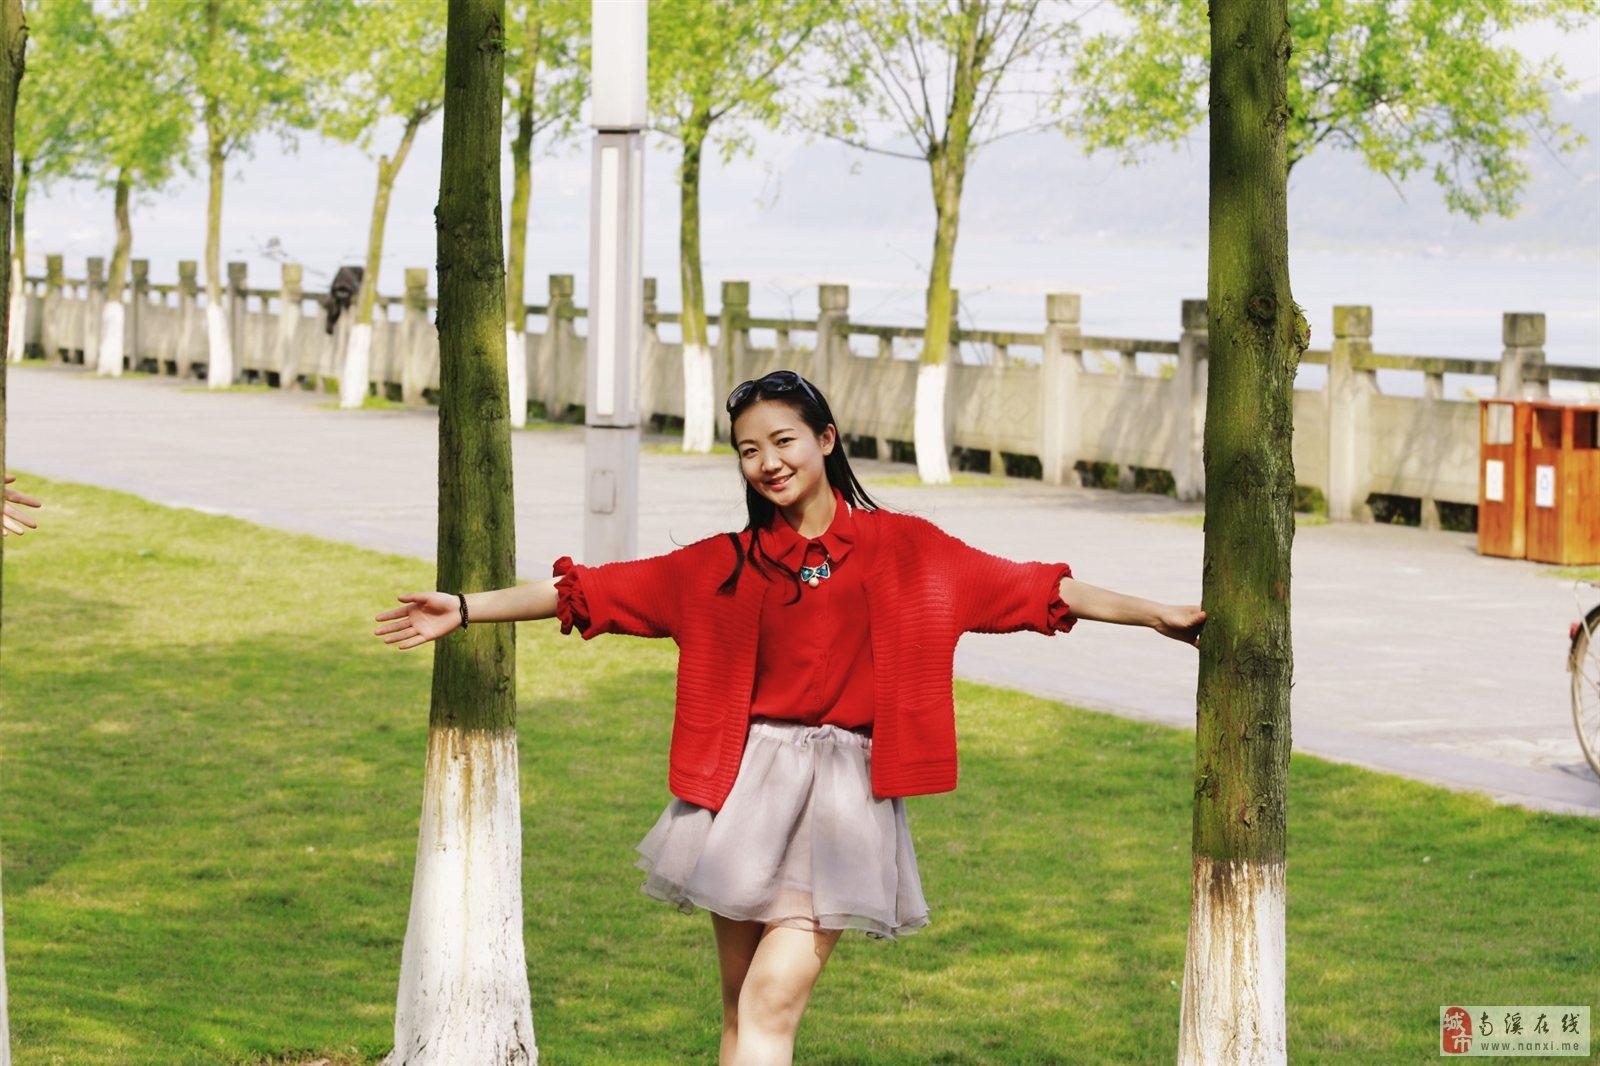 【美女秀场】刘洁 20岁